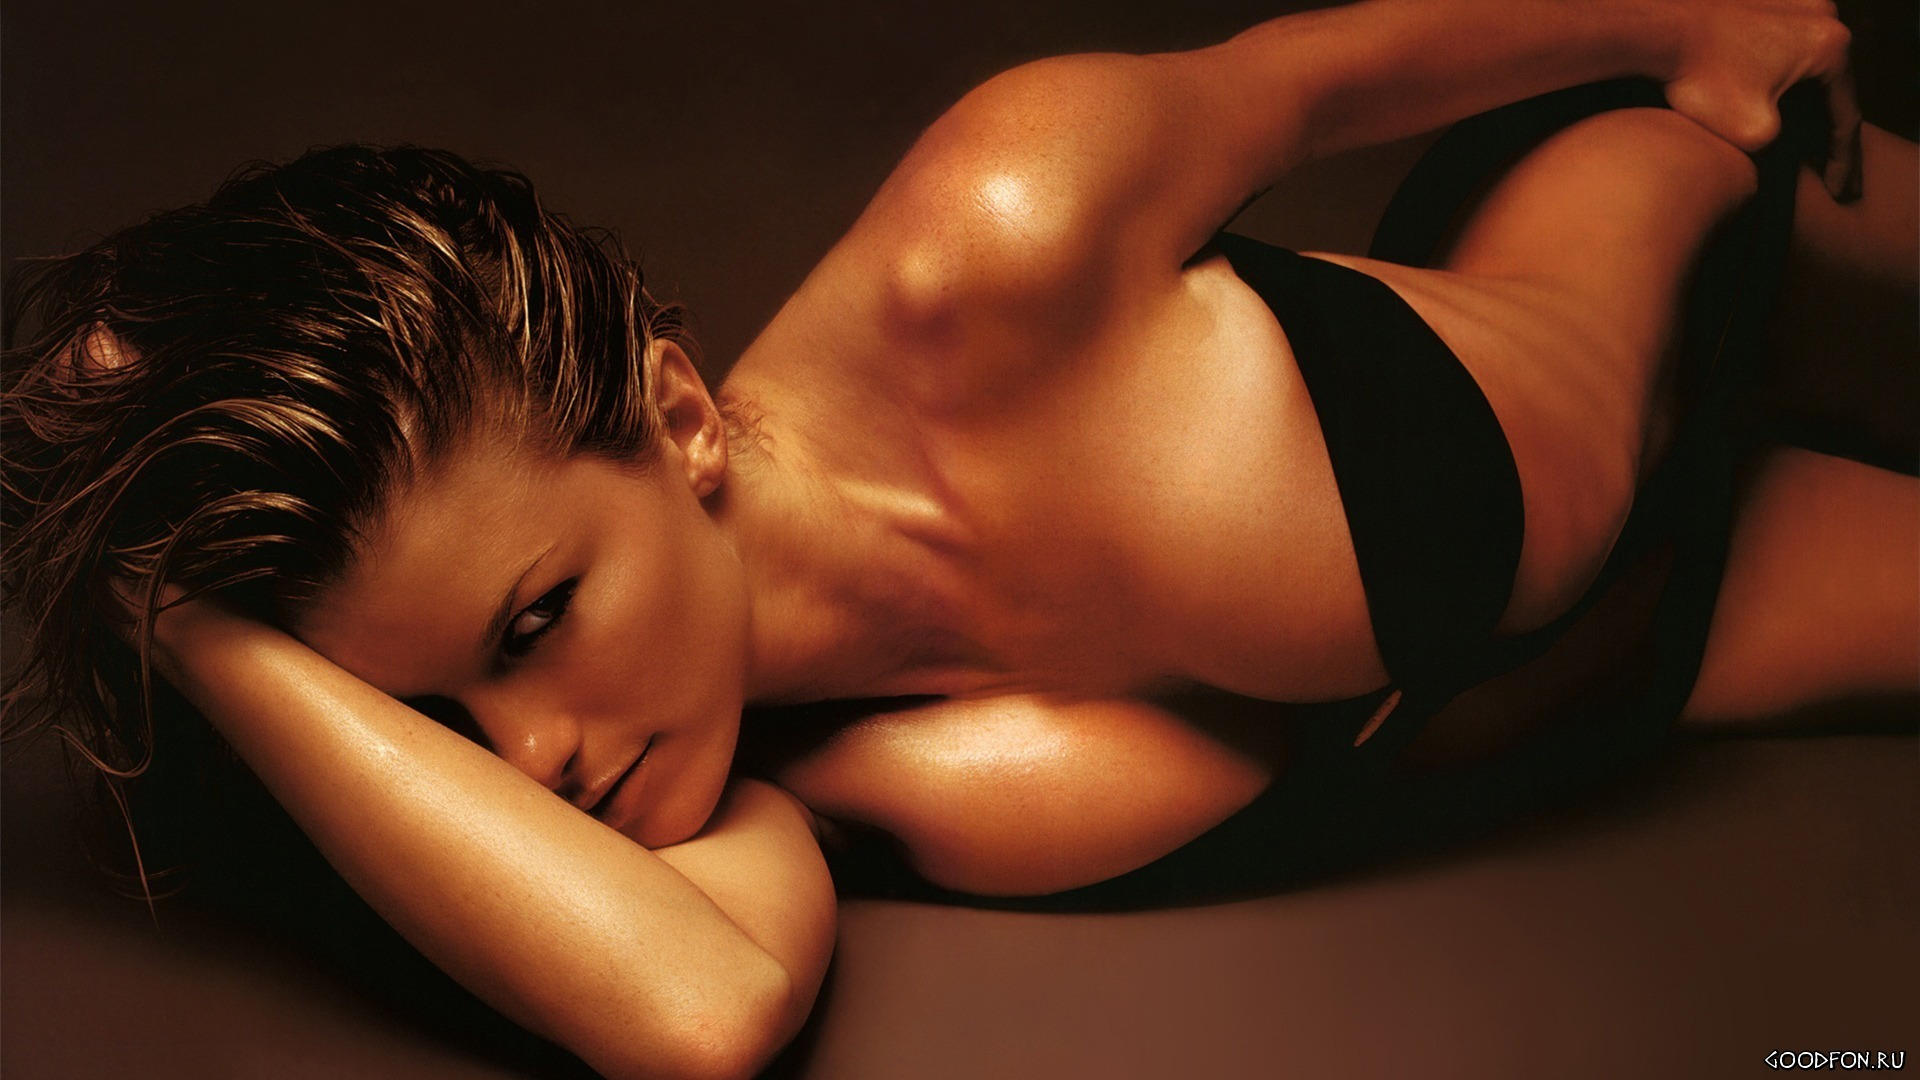 eroticheskie-otkrovennie-fotografii